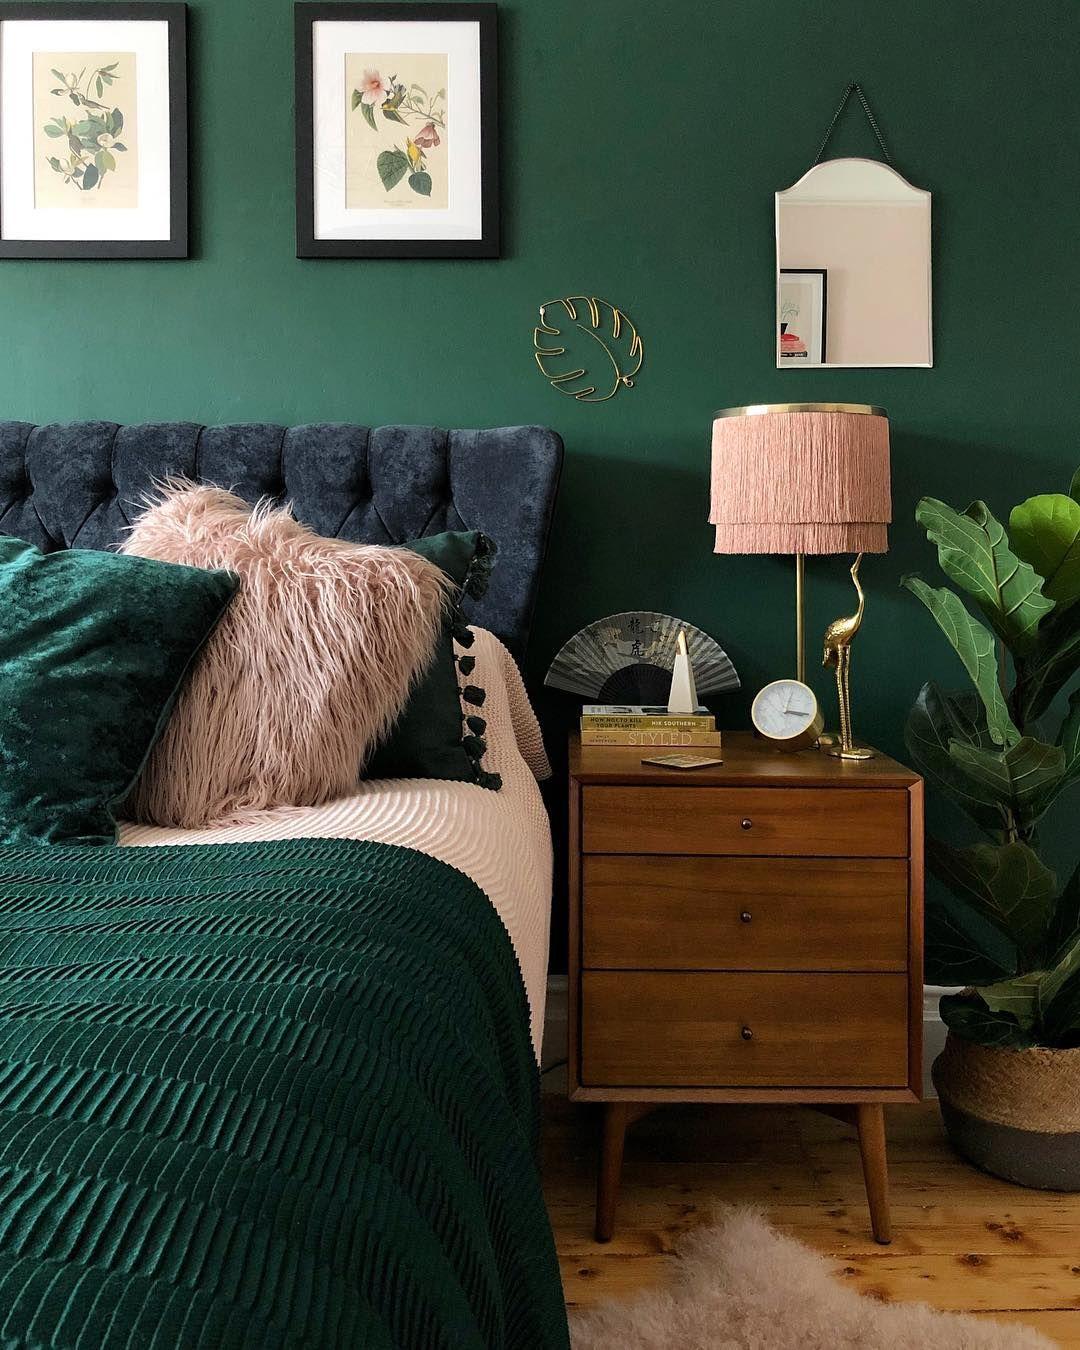 Dark Green Bedroom Ideas Cosybedroom Moodycolours Greenbedroom Emeraldbedroom Bedroomideas Best Bedroom Colors Green Bedroom Colors Home Decor Bedroom